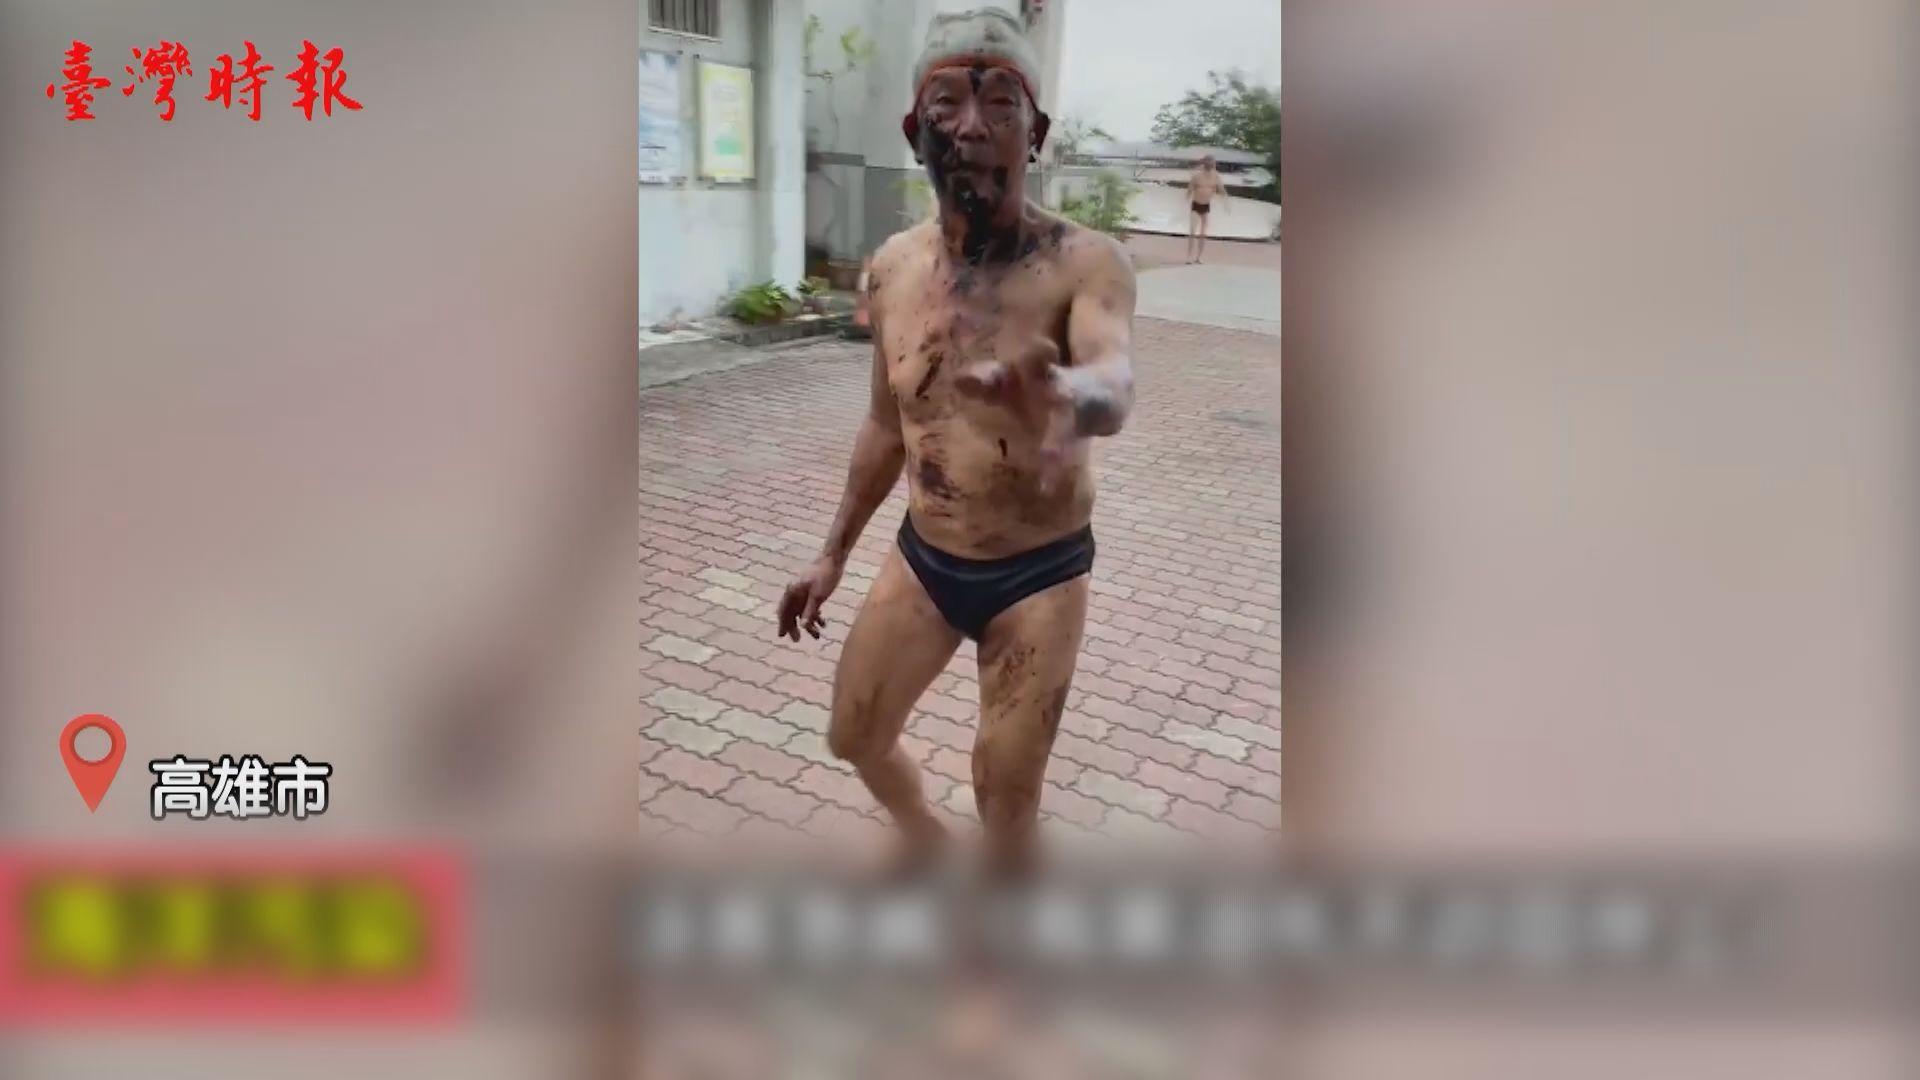 【環球薈報】高雄西子灣現油污多名泳客慘中招